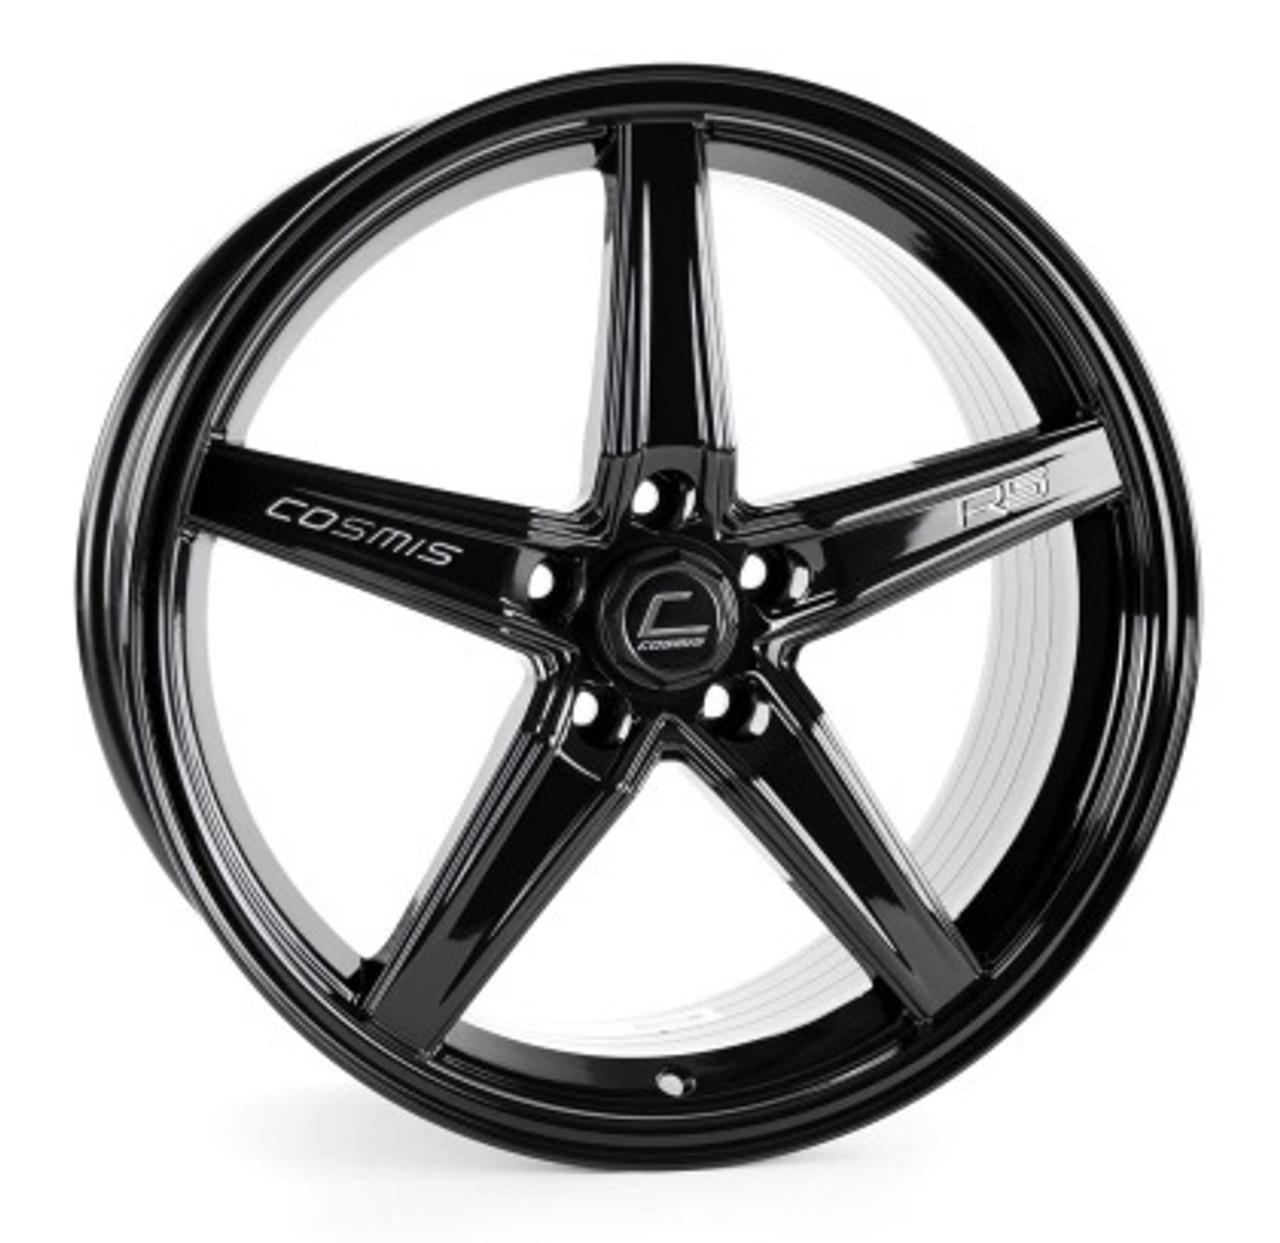 R5 Wheels